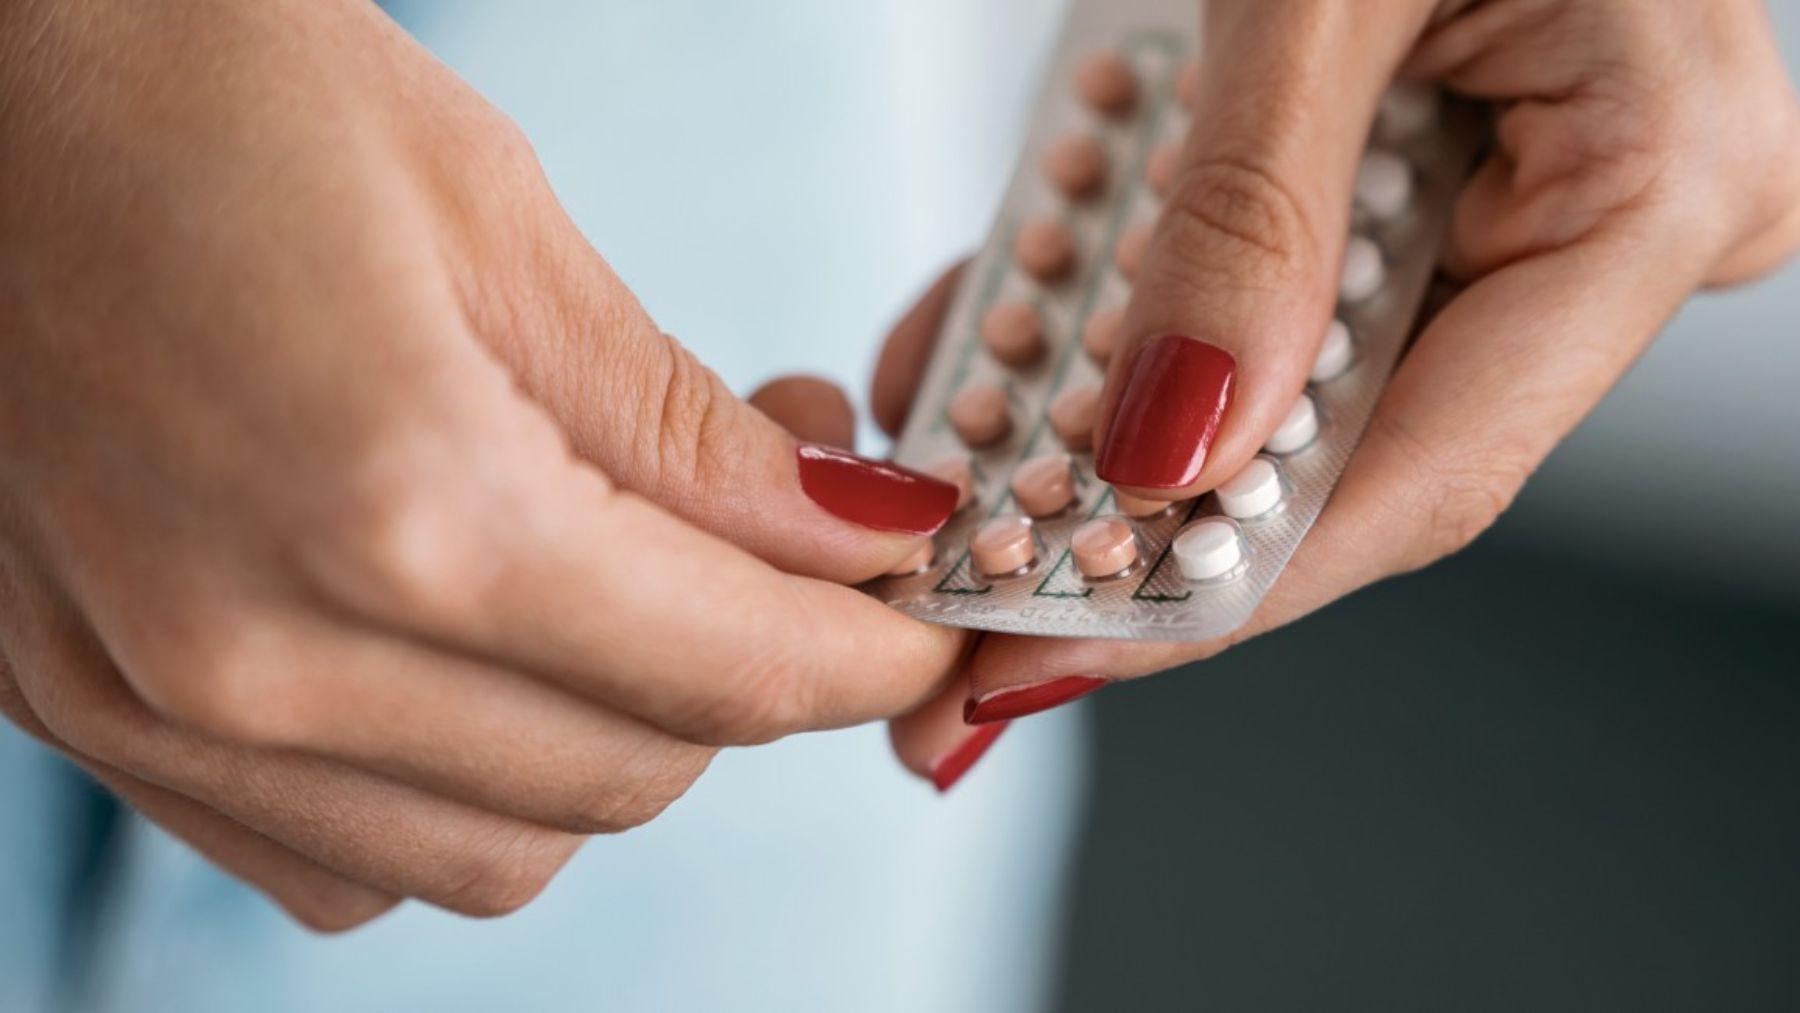 Descubre la causa que hace que puedas quedarte embarazada a pesar de la píldora